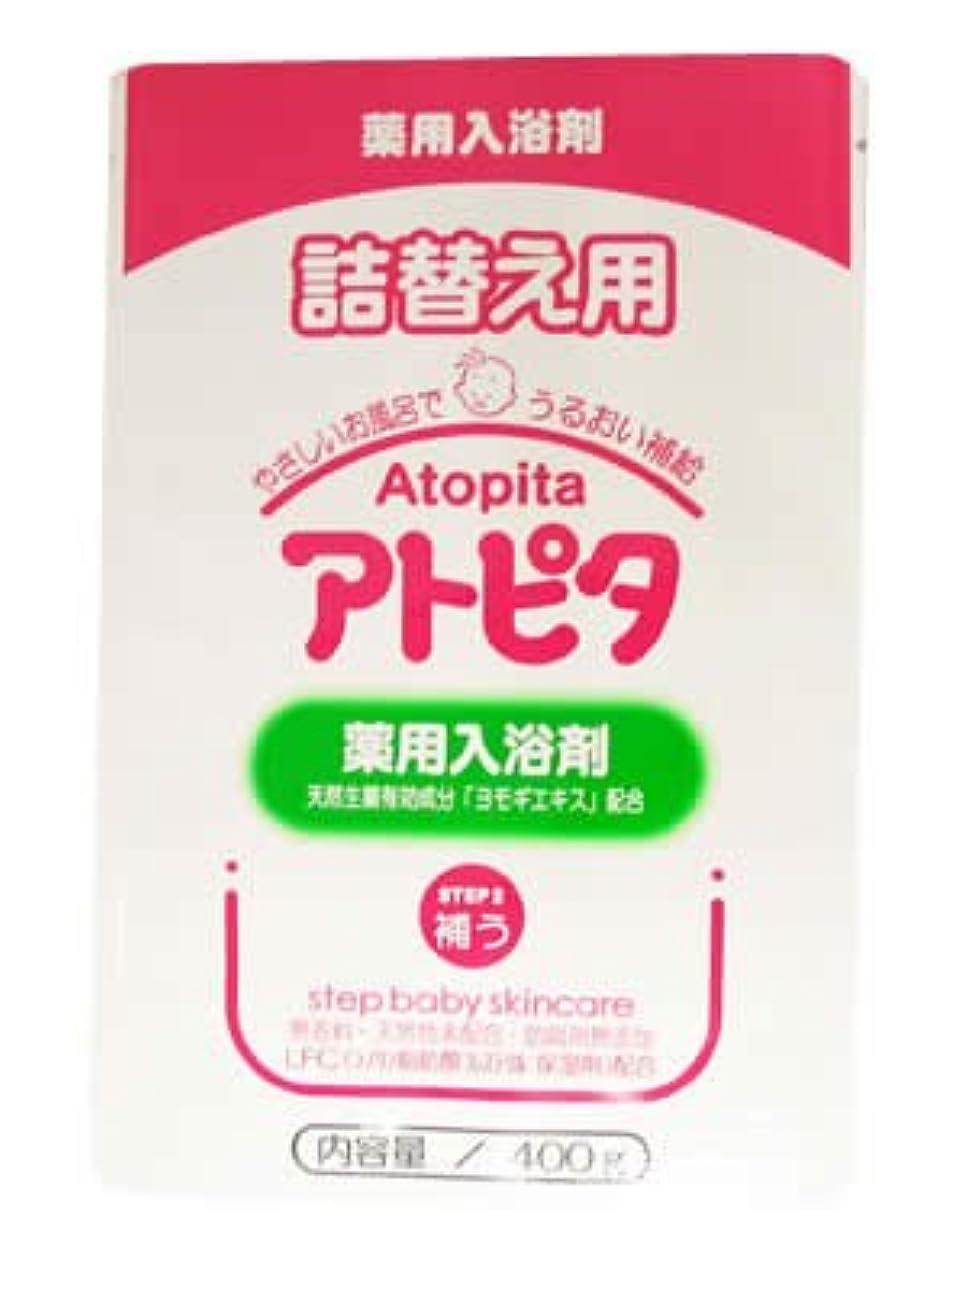 メロディークロスずっと新アルエット アトピタ 薬用入浴剤 詰替え 400g ×8個セット